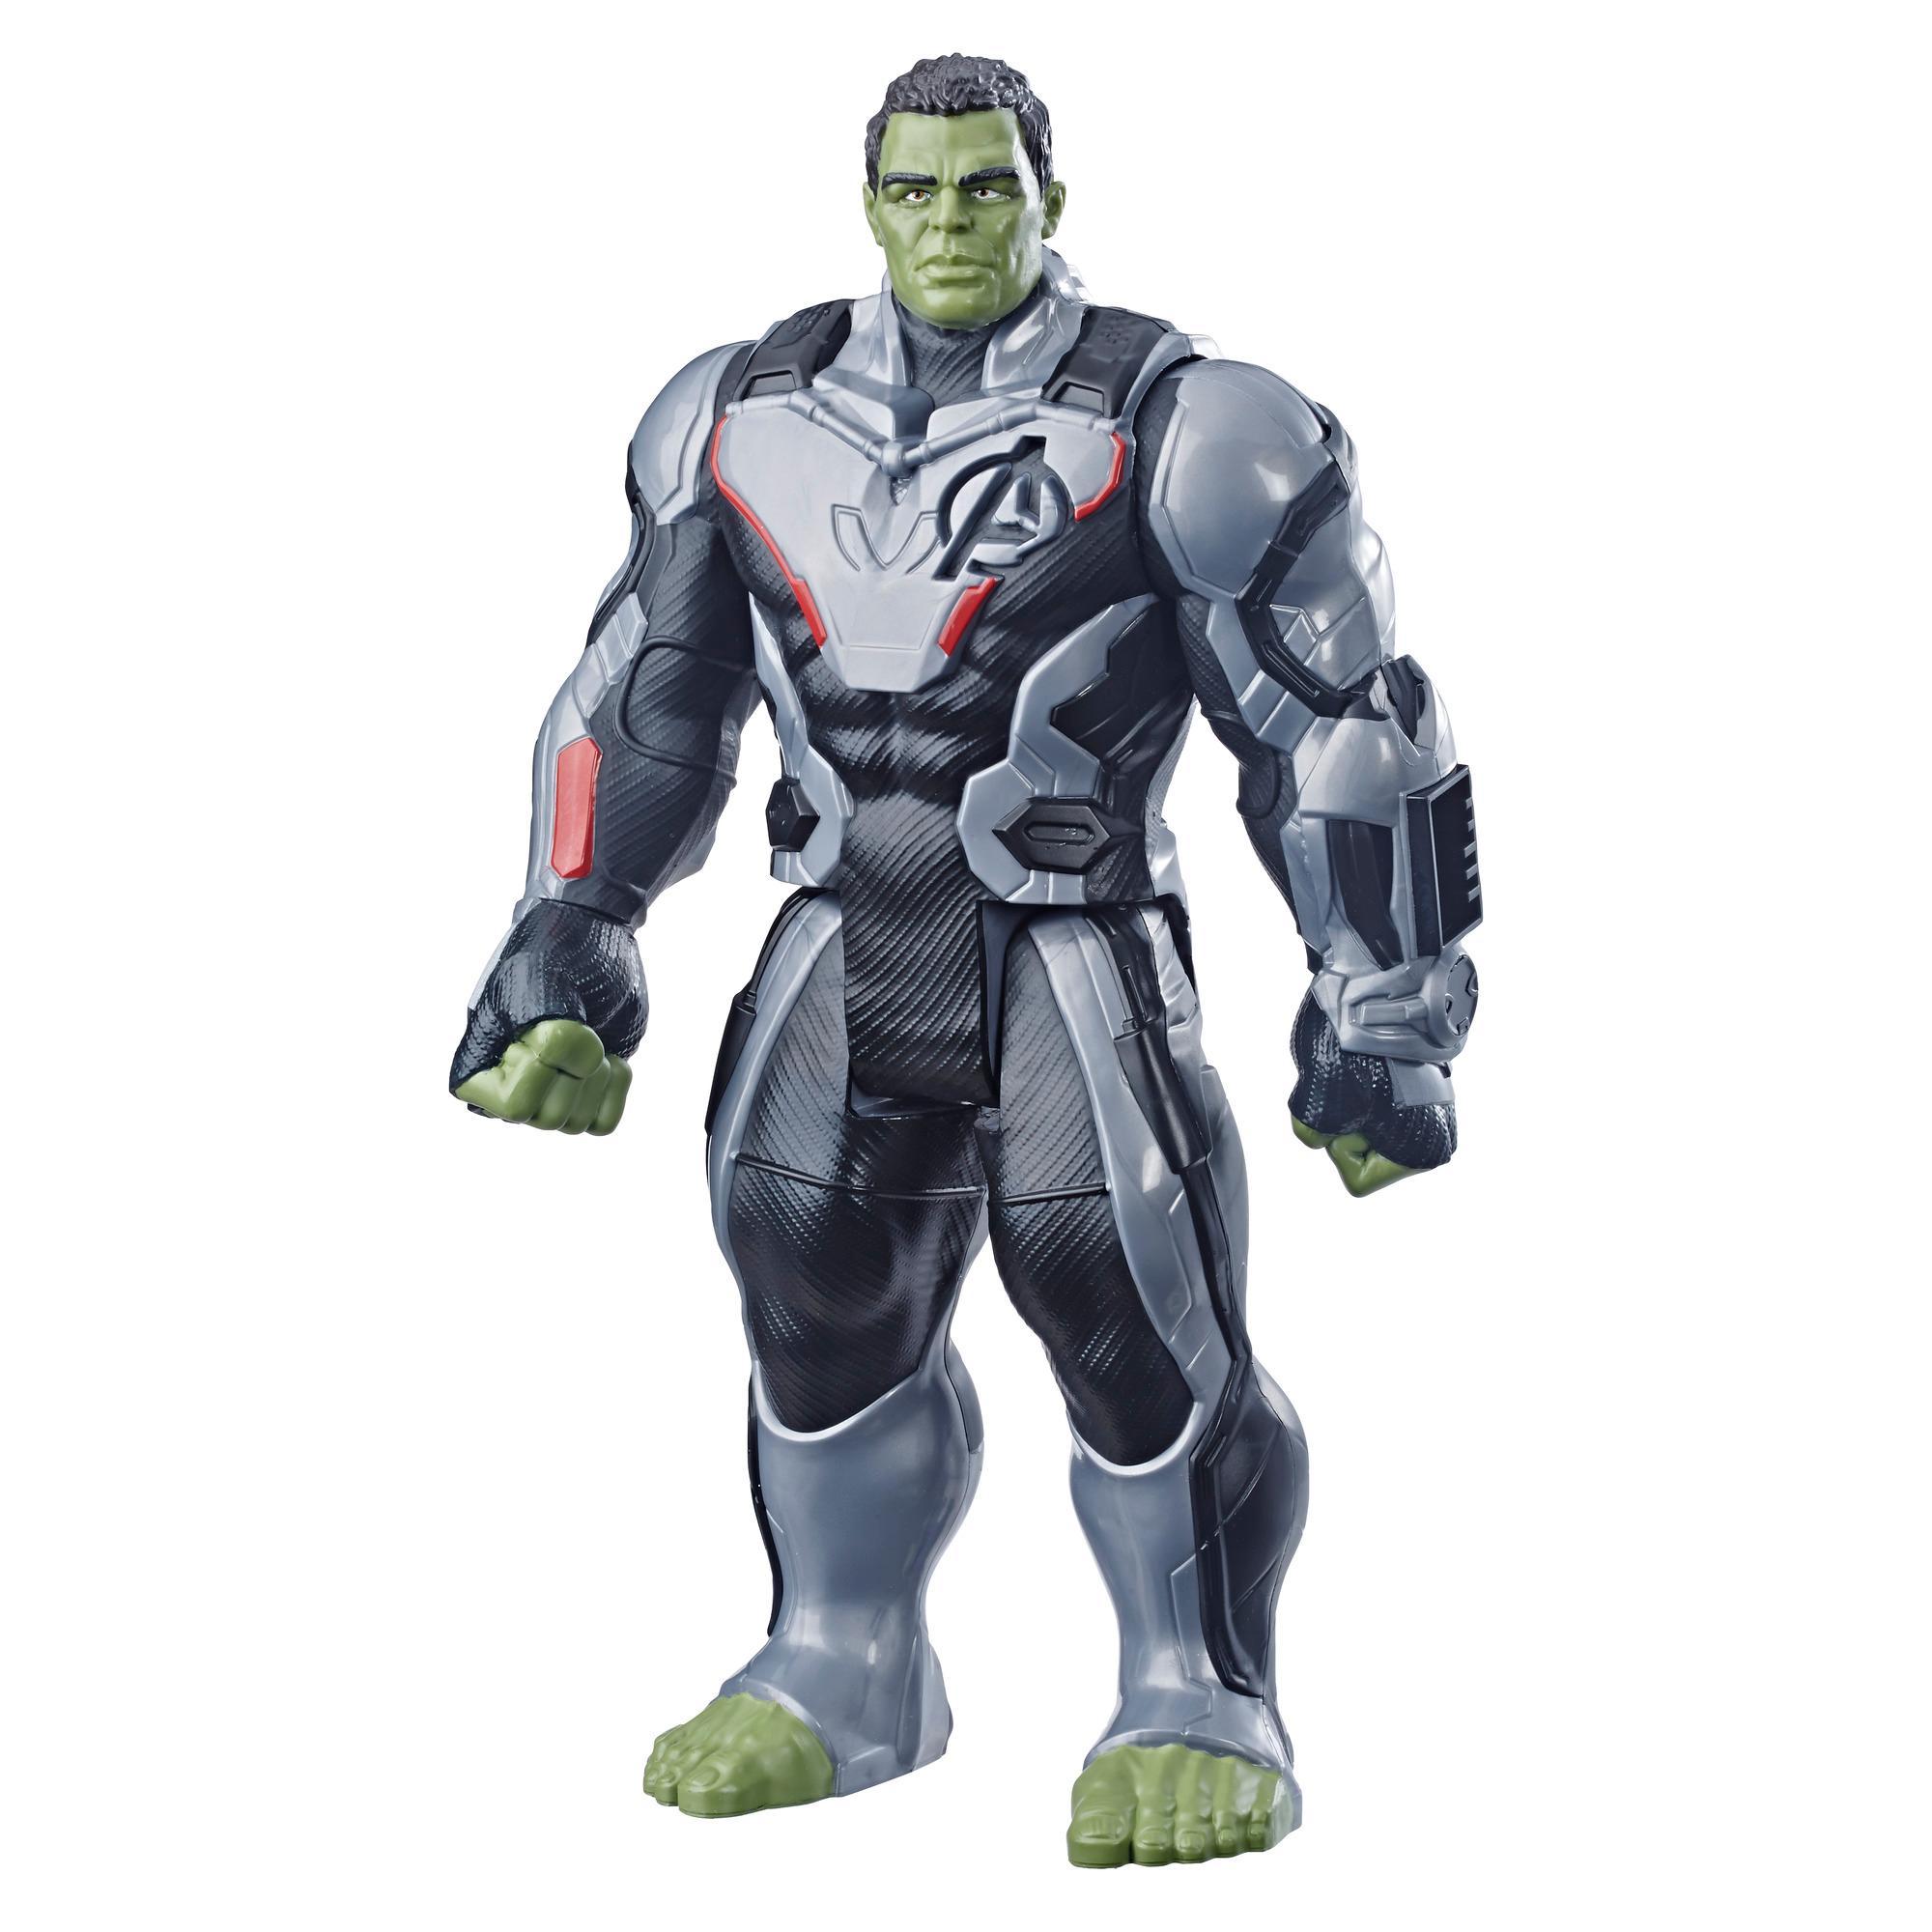 Marvel Avengers: Endgame - Titan Hero Power FX Hulk